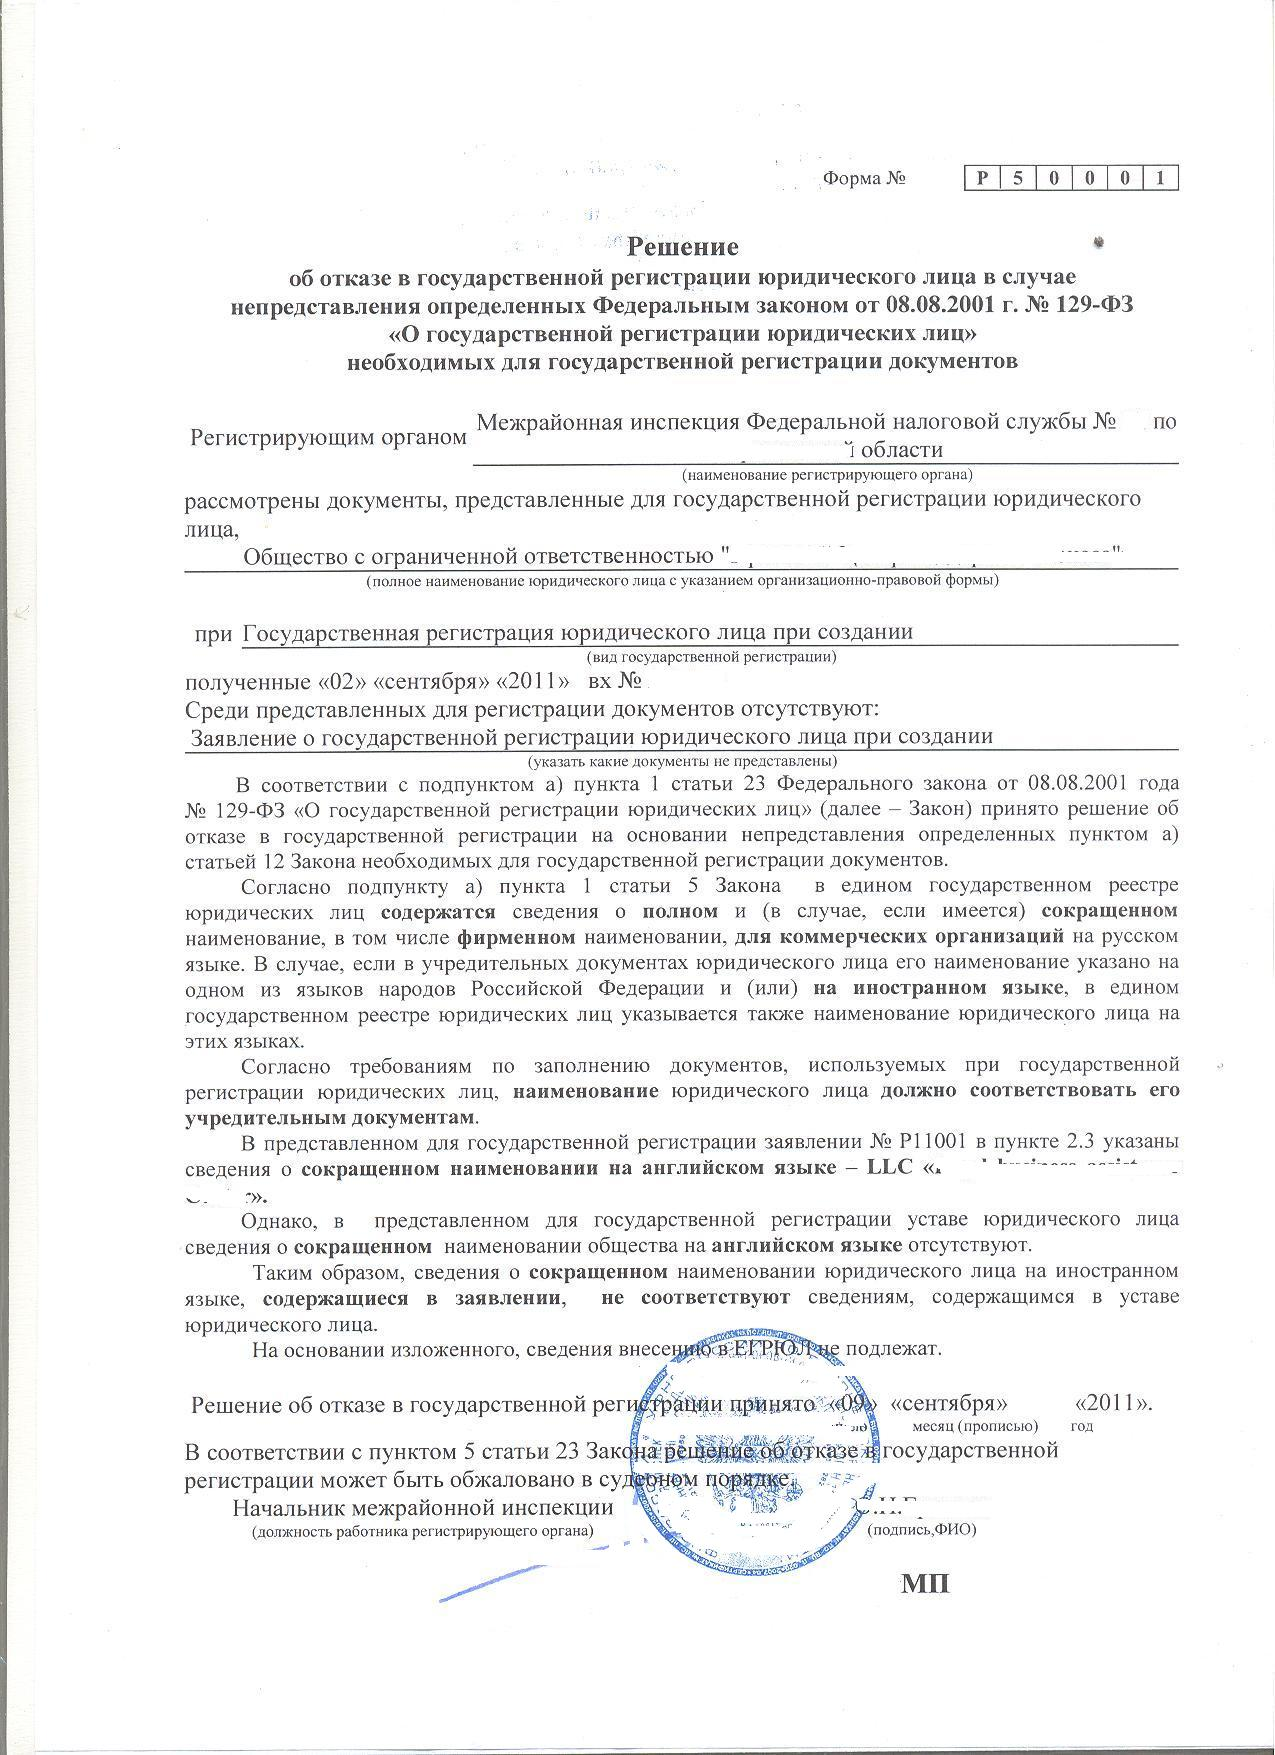 Об утверждении Указаний о порядке применения бюджетной